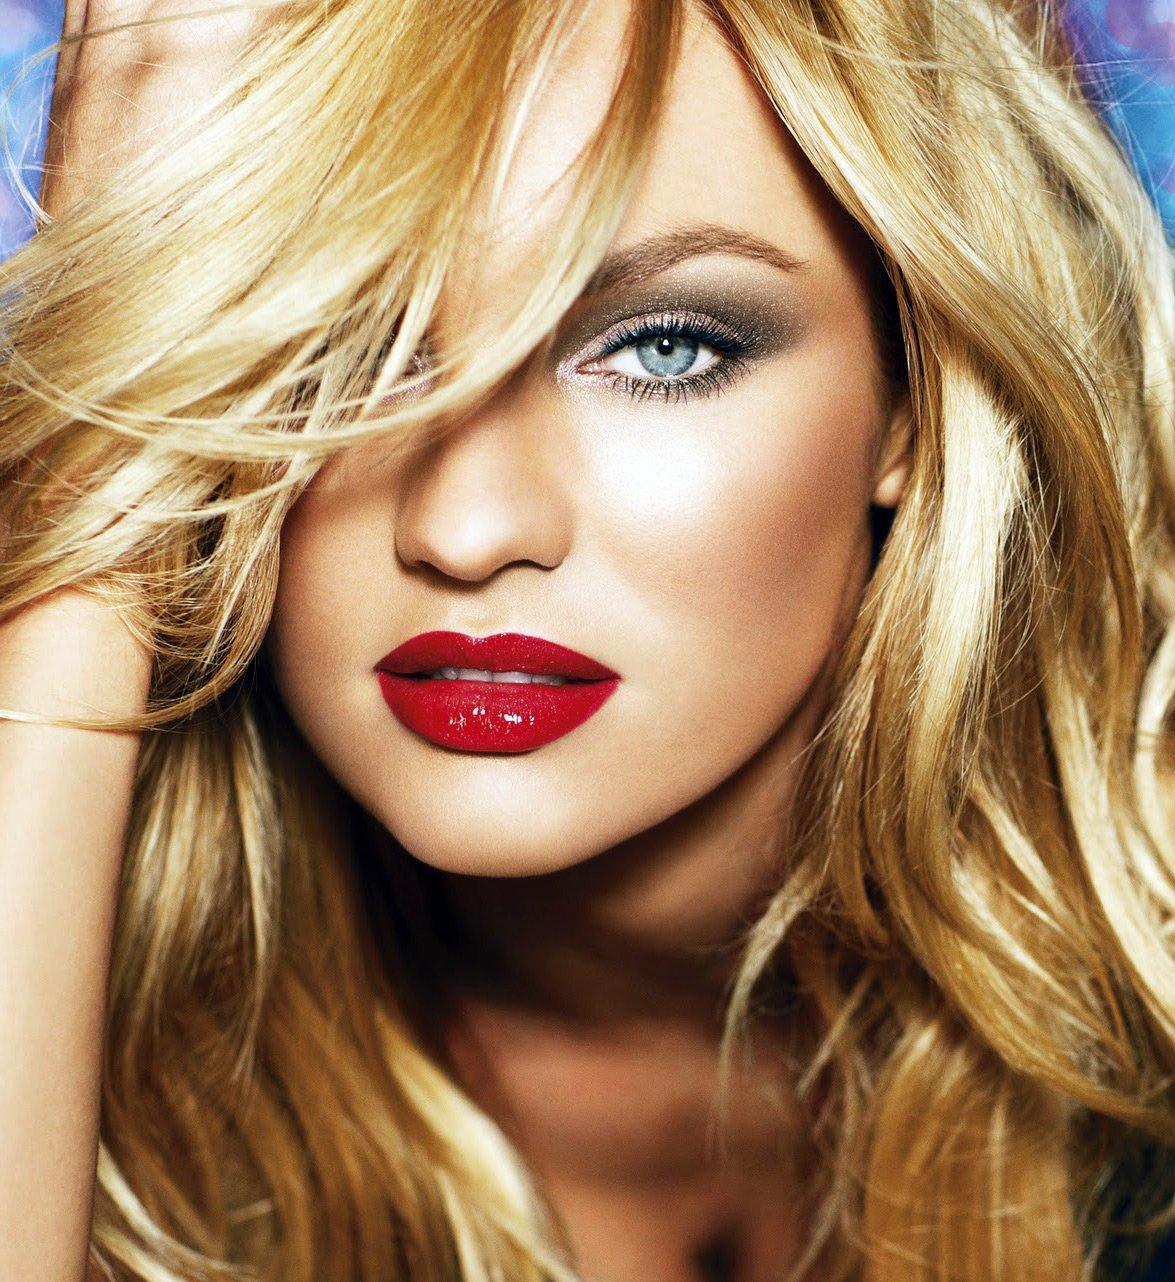 Компании красивых блондинок 0 фотография